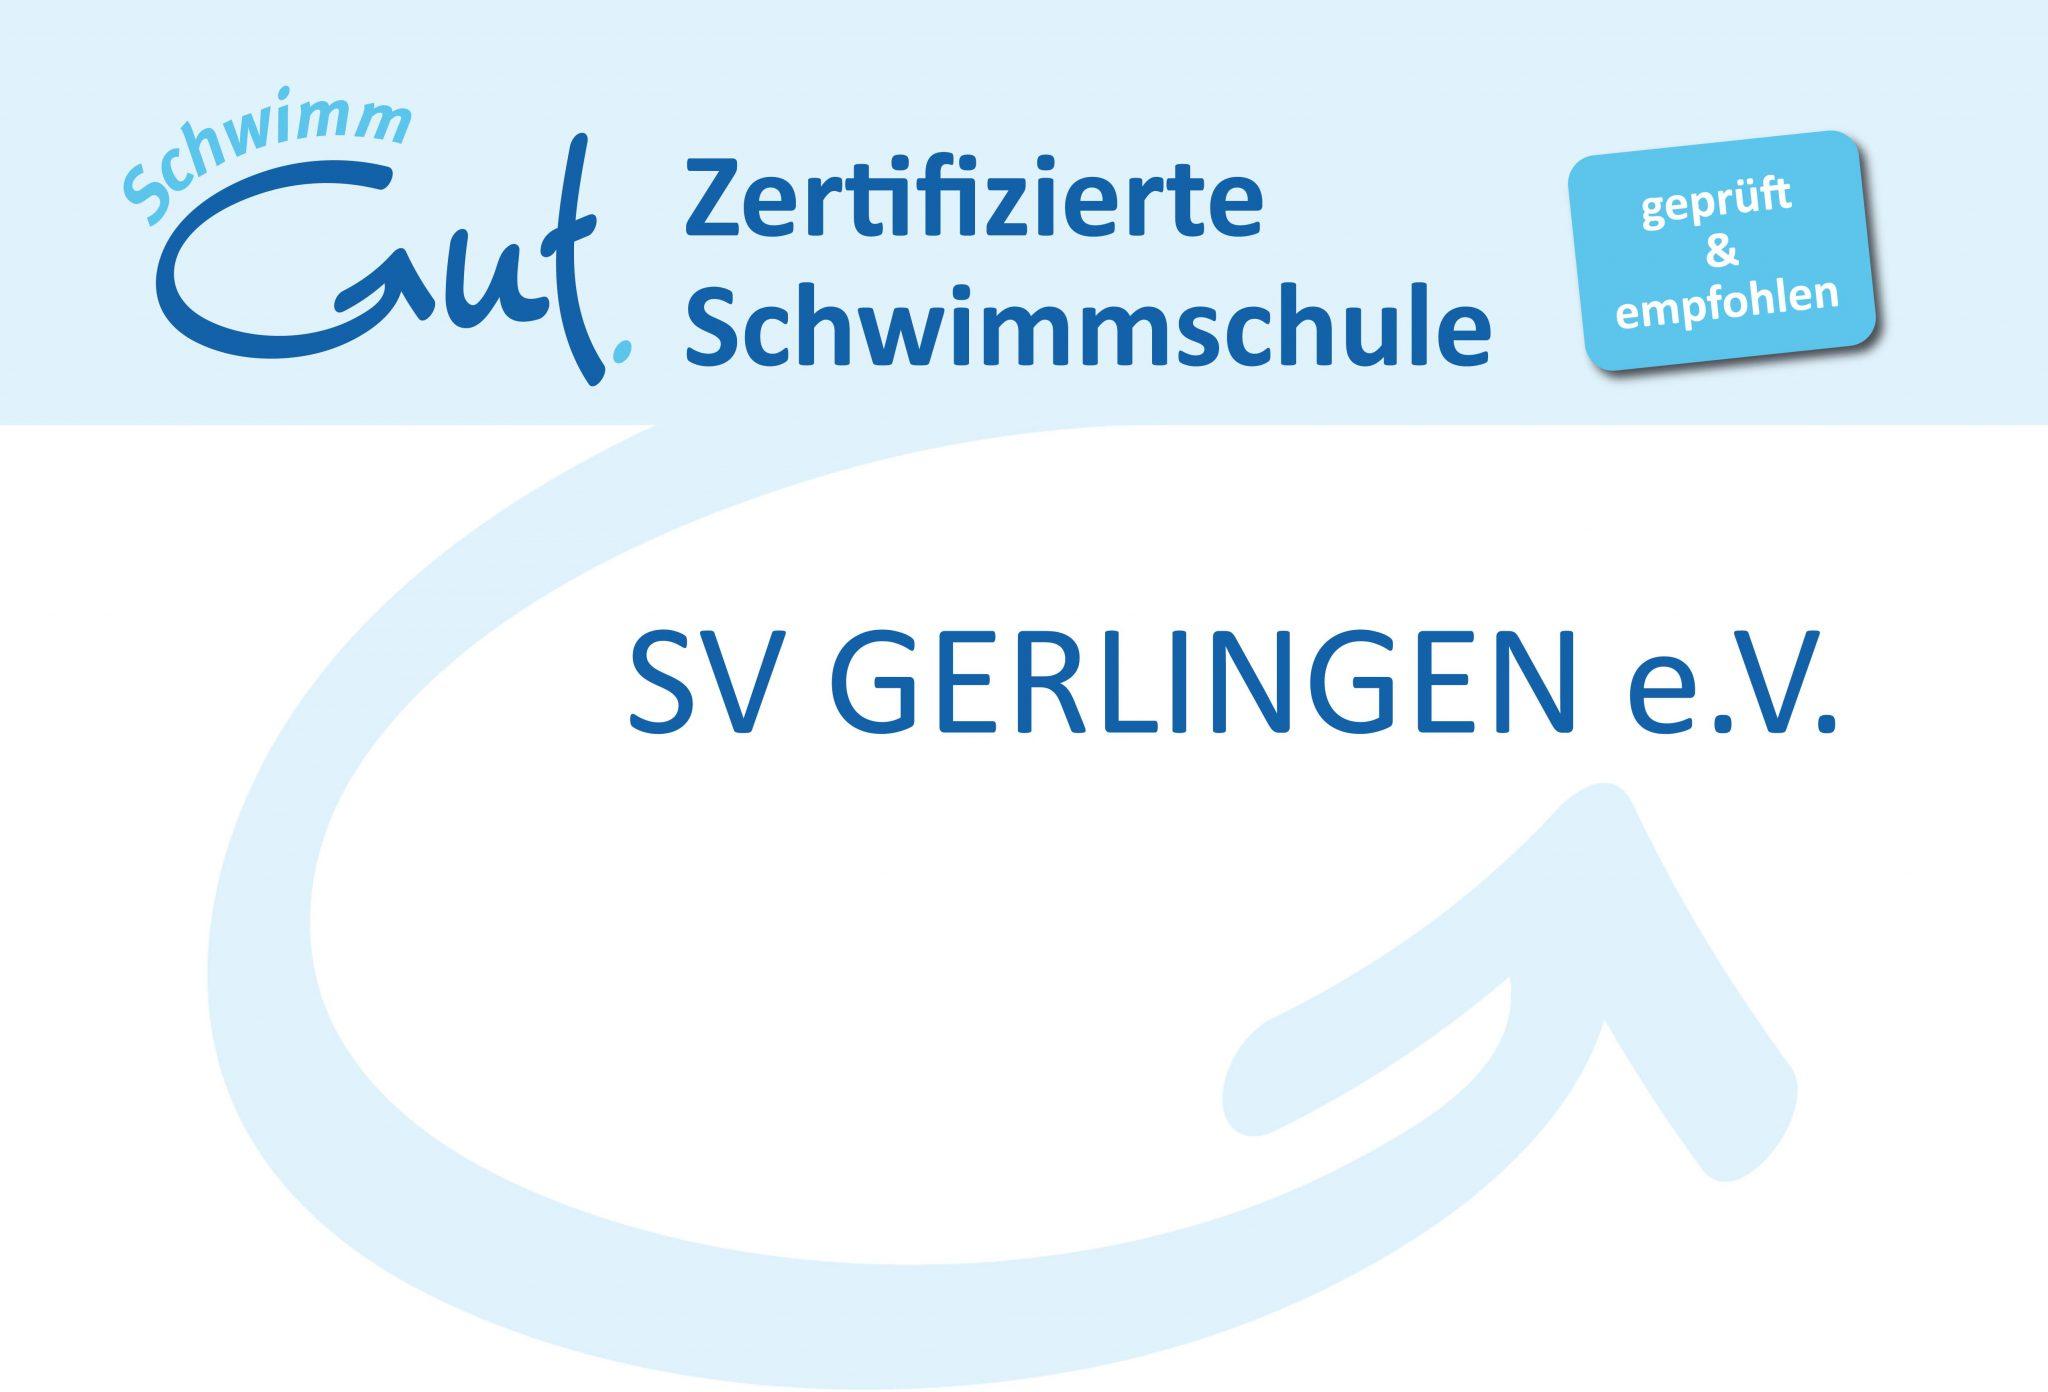 SV Gerlingen ist anerkannte Schwimmschule